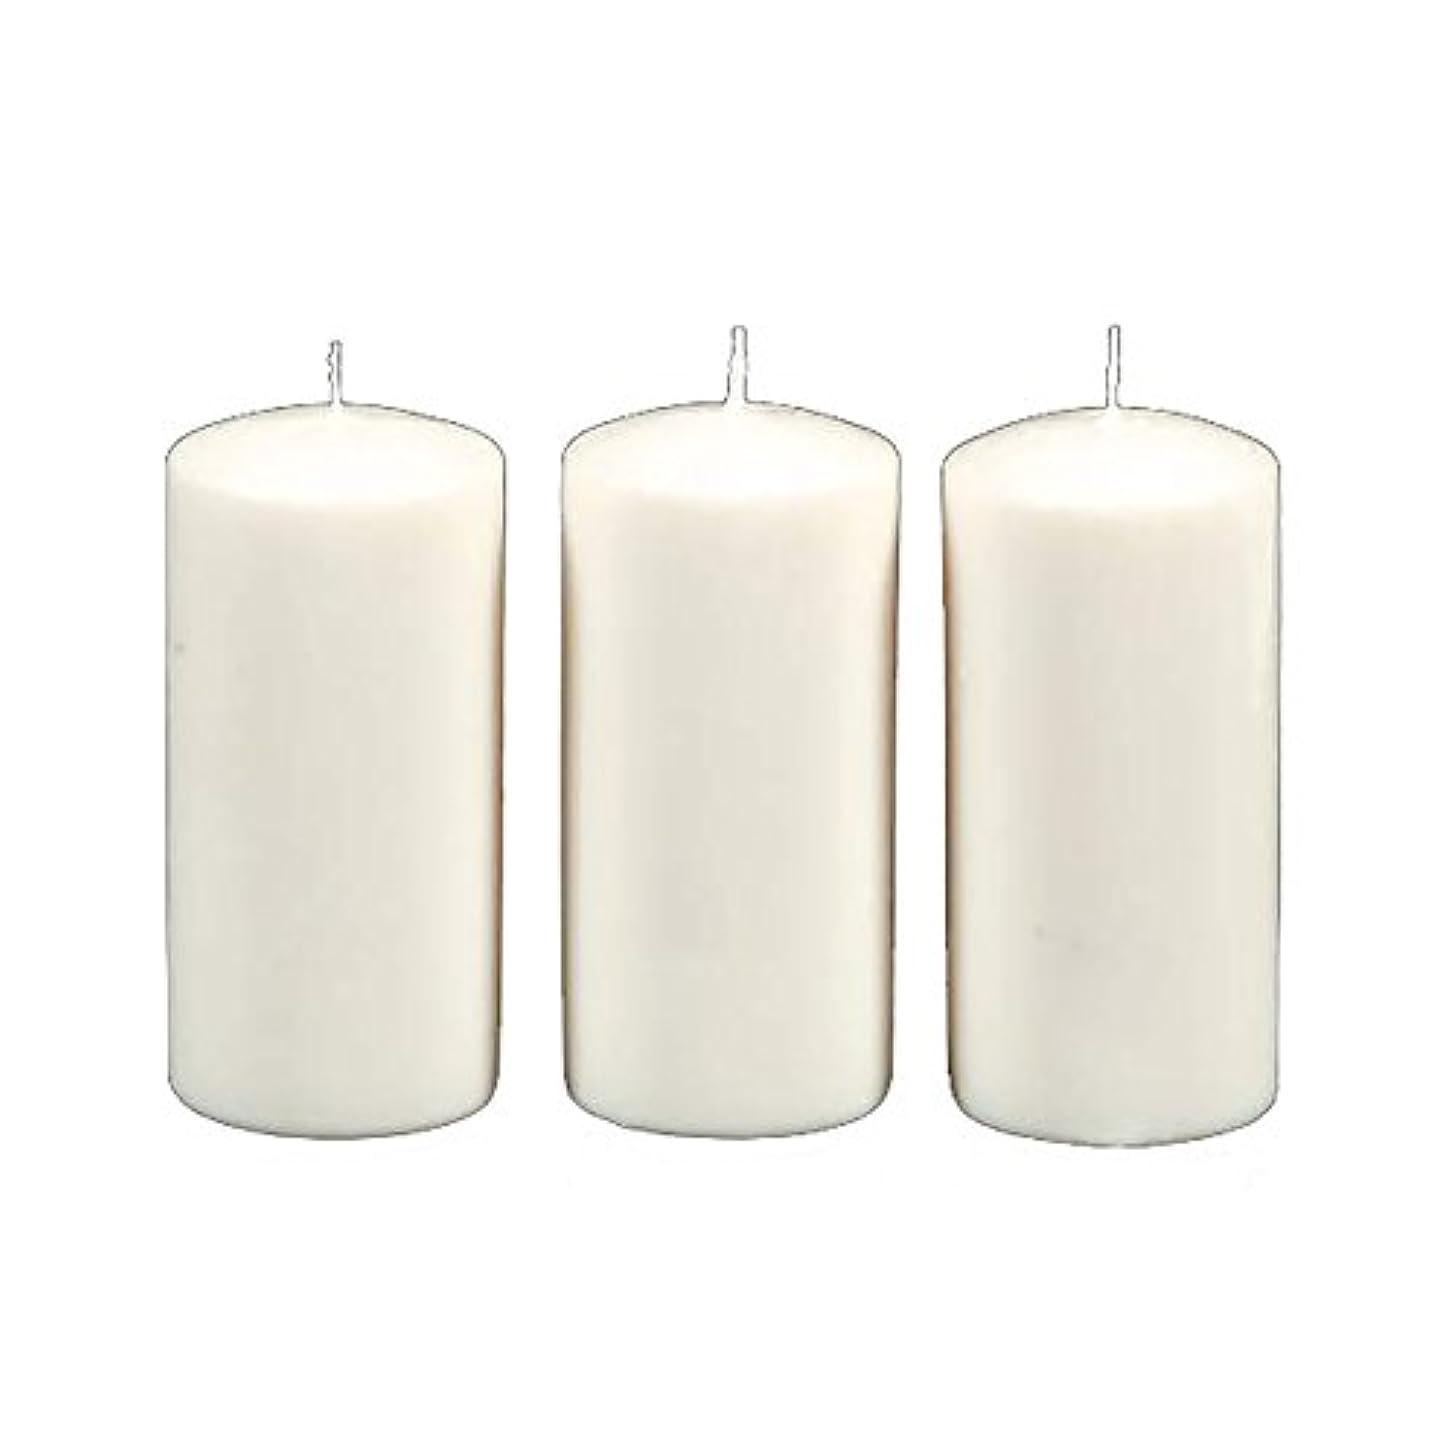 そのような誓い隣接Darice 3-Piece Unscented Pillar Candles, 3 Inch by 6-Inch, White by Darice